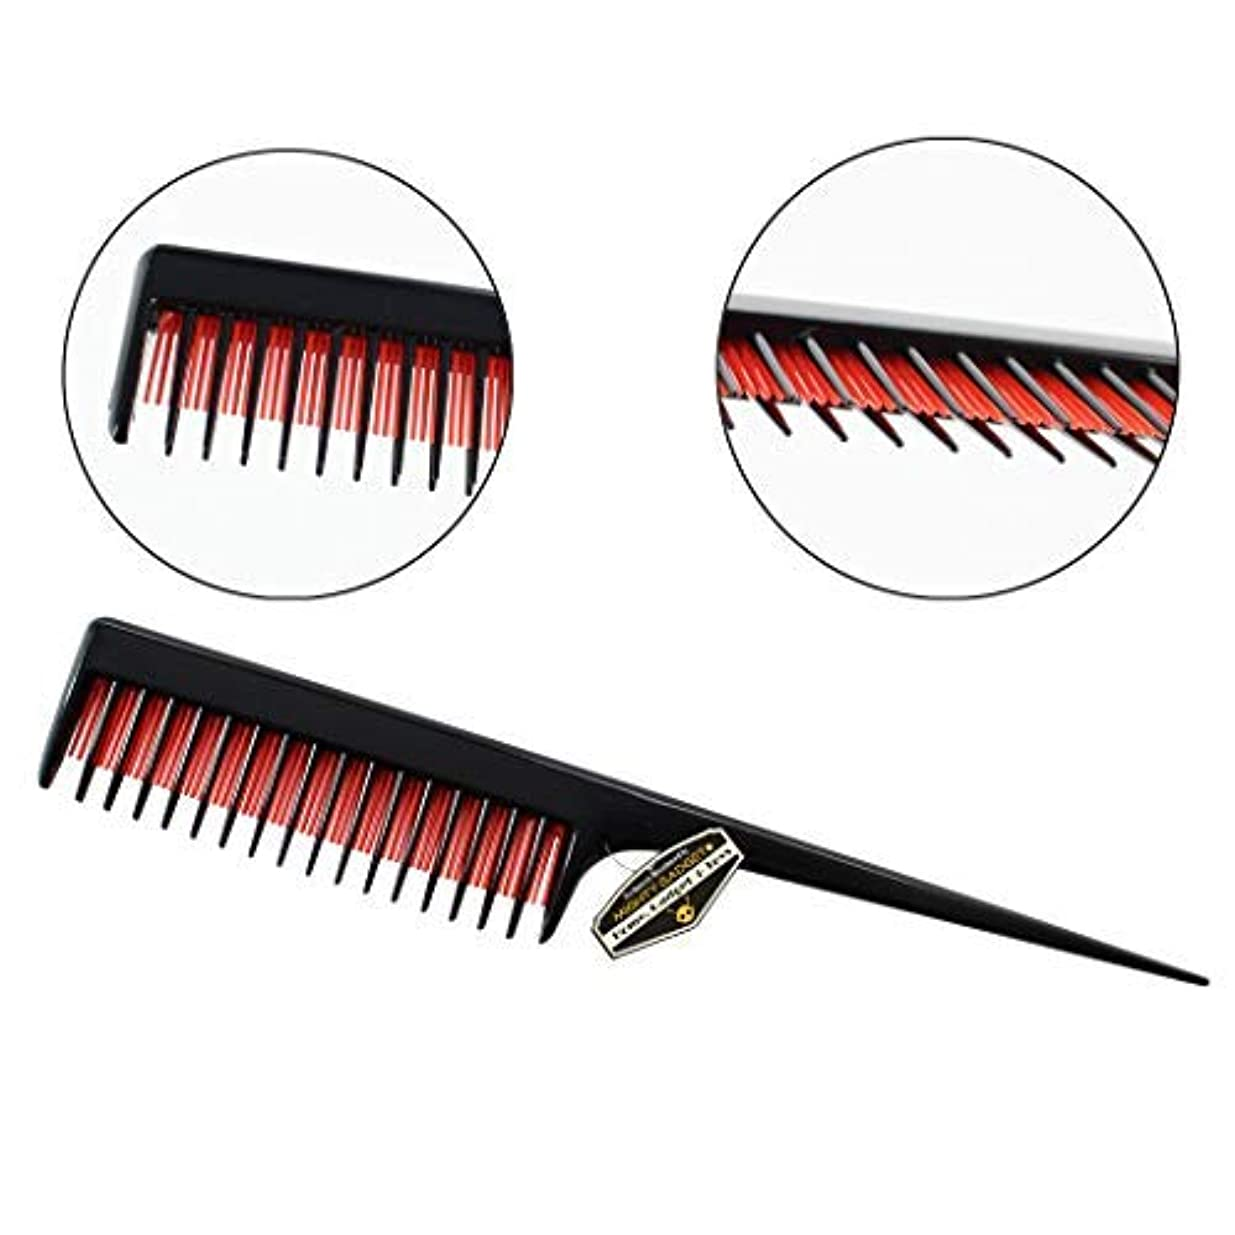 フレキシブル大惨事抵抗するMighty Gadget 8 inch Teasing Comb - Rat Tail Comb for Back Combing, Root Teasing, Adding Volume, Evening Styling...